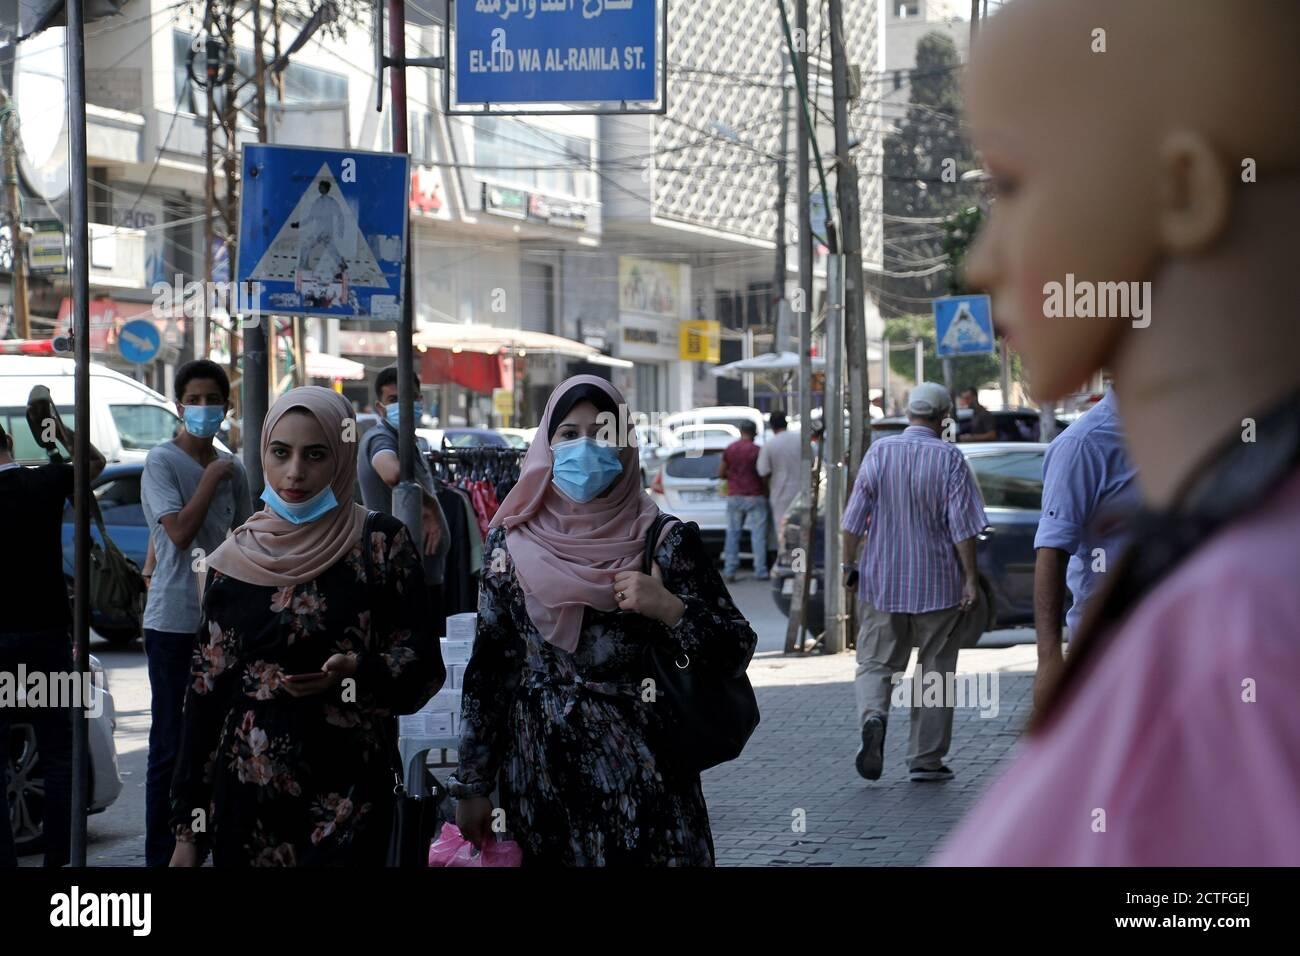 Ciudad de Gaza. 22 de septiembre de 2020. Los palestinos que usan máscaras caminan en una calle en la ciudad de Gaza el 22 de septiembre de 2020. Palestina registró el martes 557 nuevos casos infectados con el nuevo coronavirus, con lo que el número total de infecciones asciende a 46,614. En la Franja de Gaza, el gobierno gobernado por Hamas ha aliviado recientemente las restricciones al coronavirus. Crédito: Rizek Abdeljawad/Xinhua/Alamy Live News Foto de stock